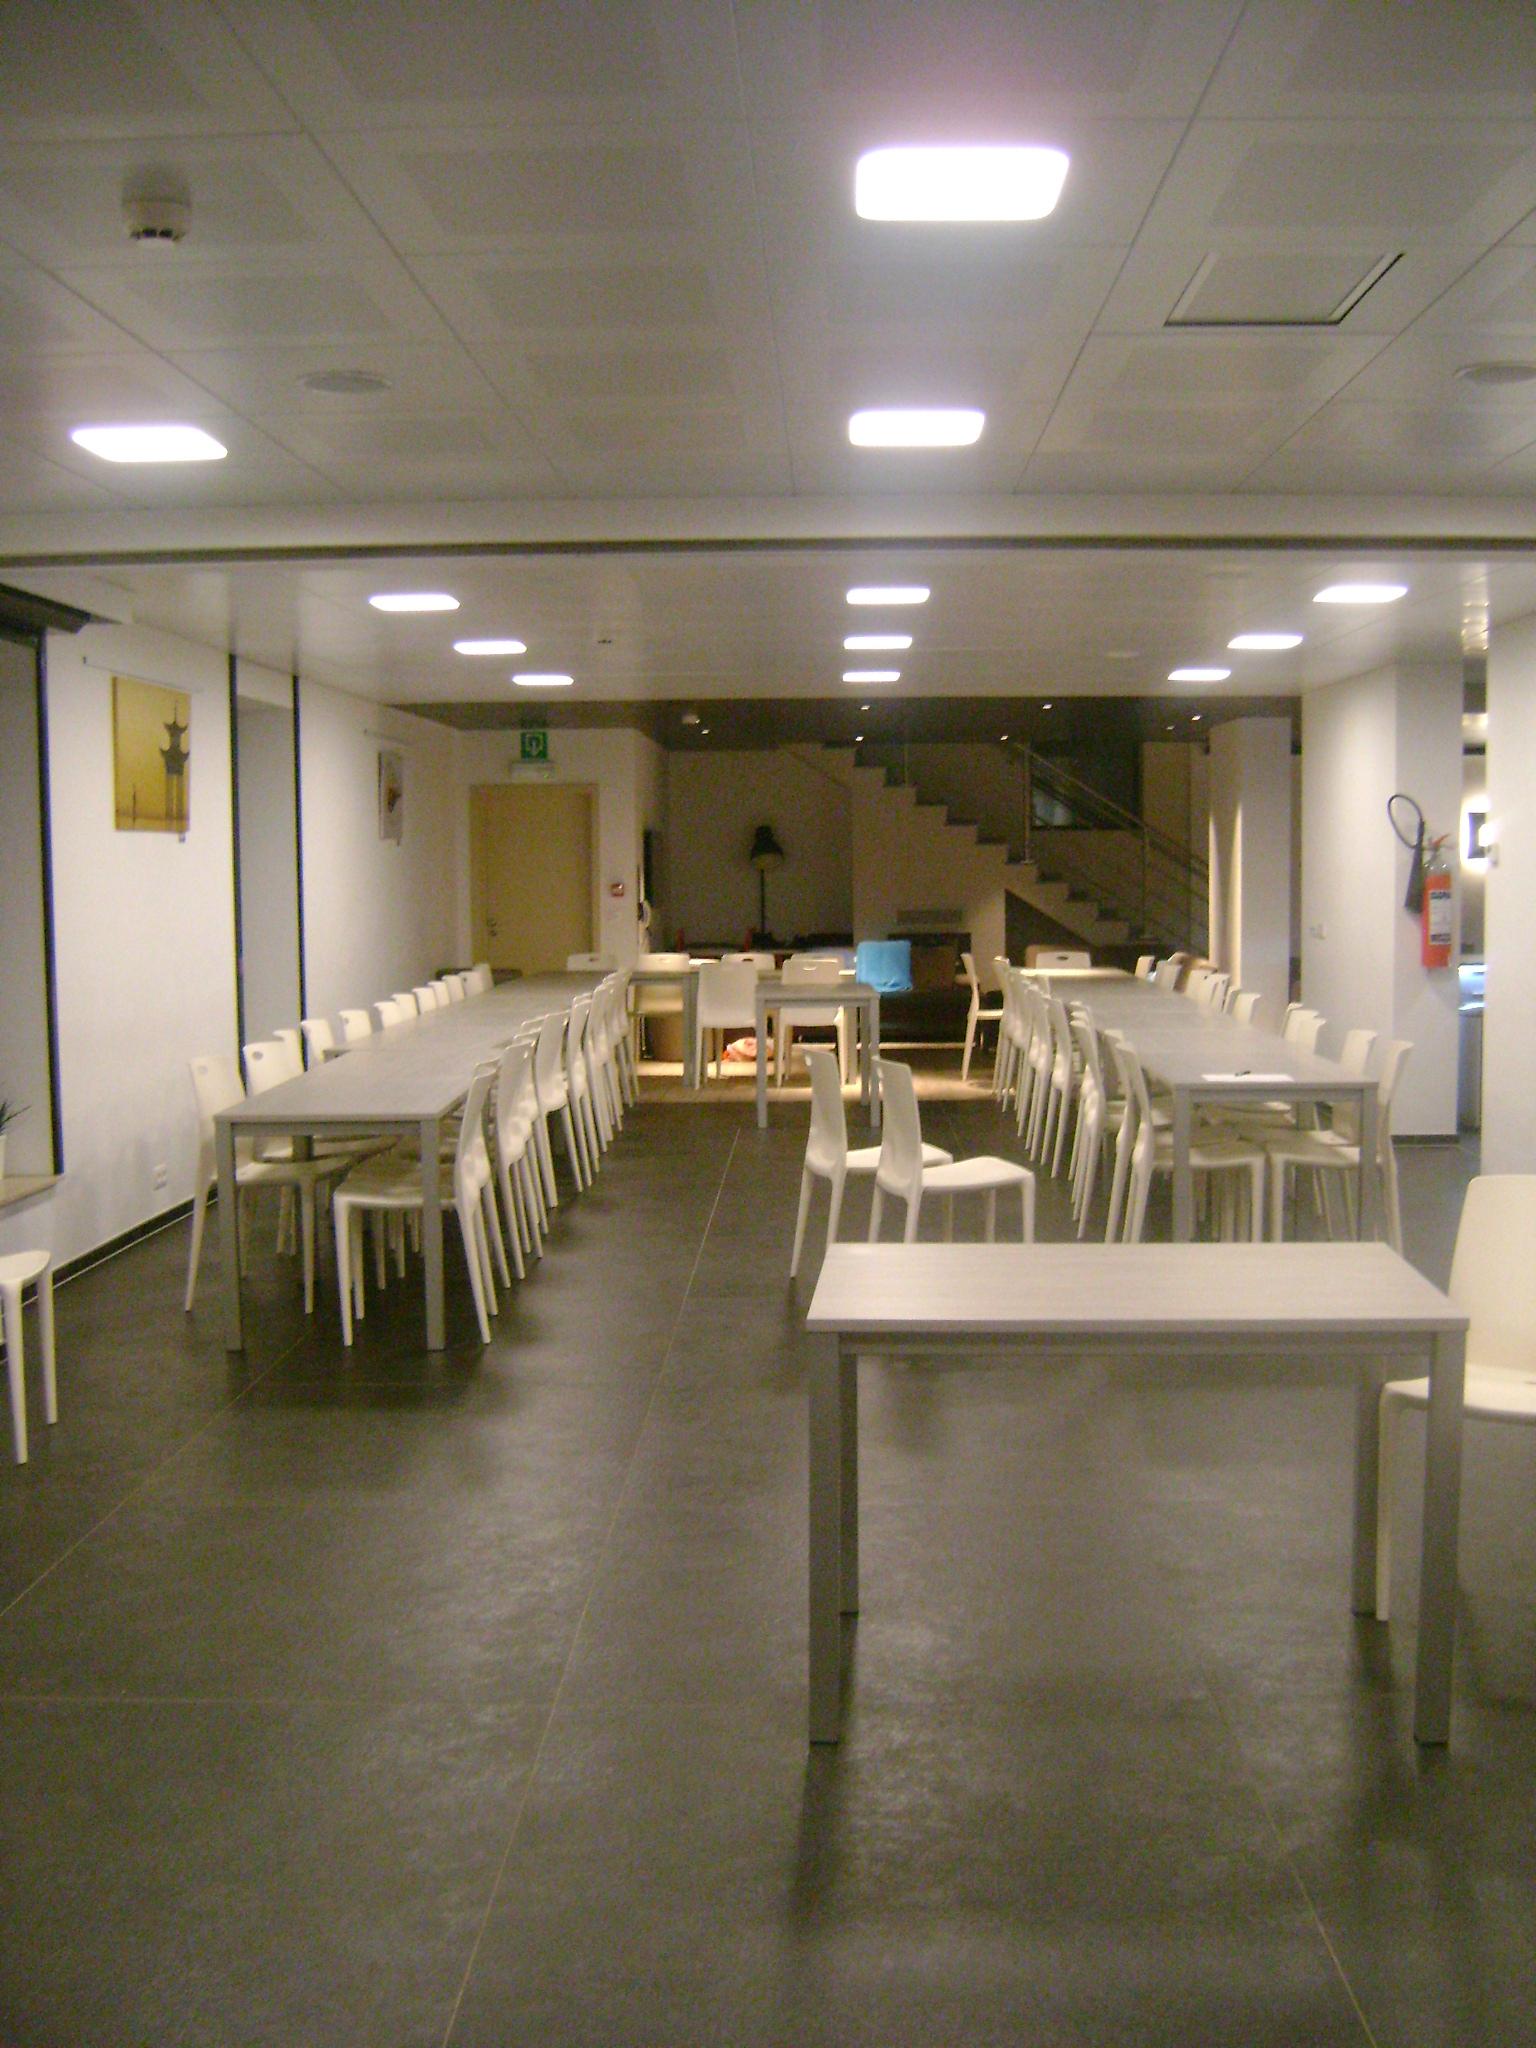 Recherche « location gîte grande capacité » – Partie 2